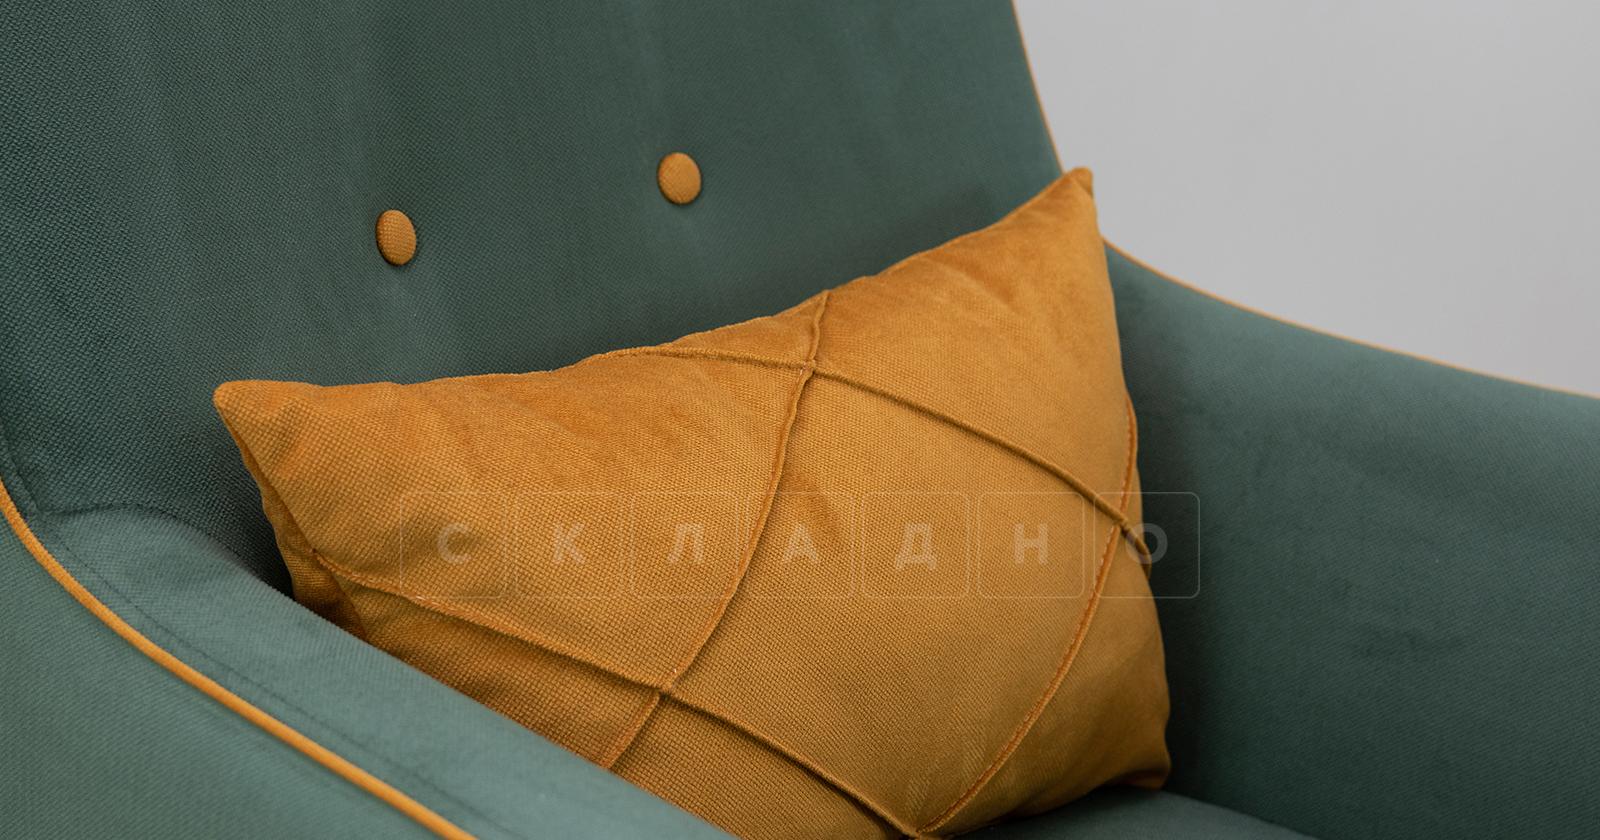 Кресло для отдыха Флэтфорд нефритовый зеленый фото 8 | интернет-магазин Складно